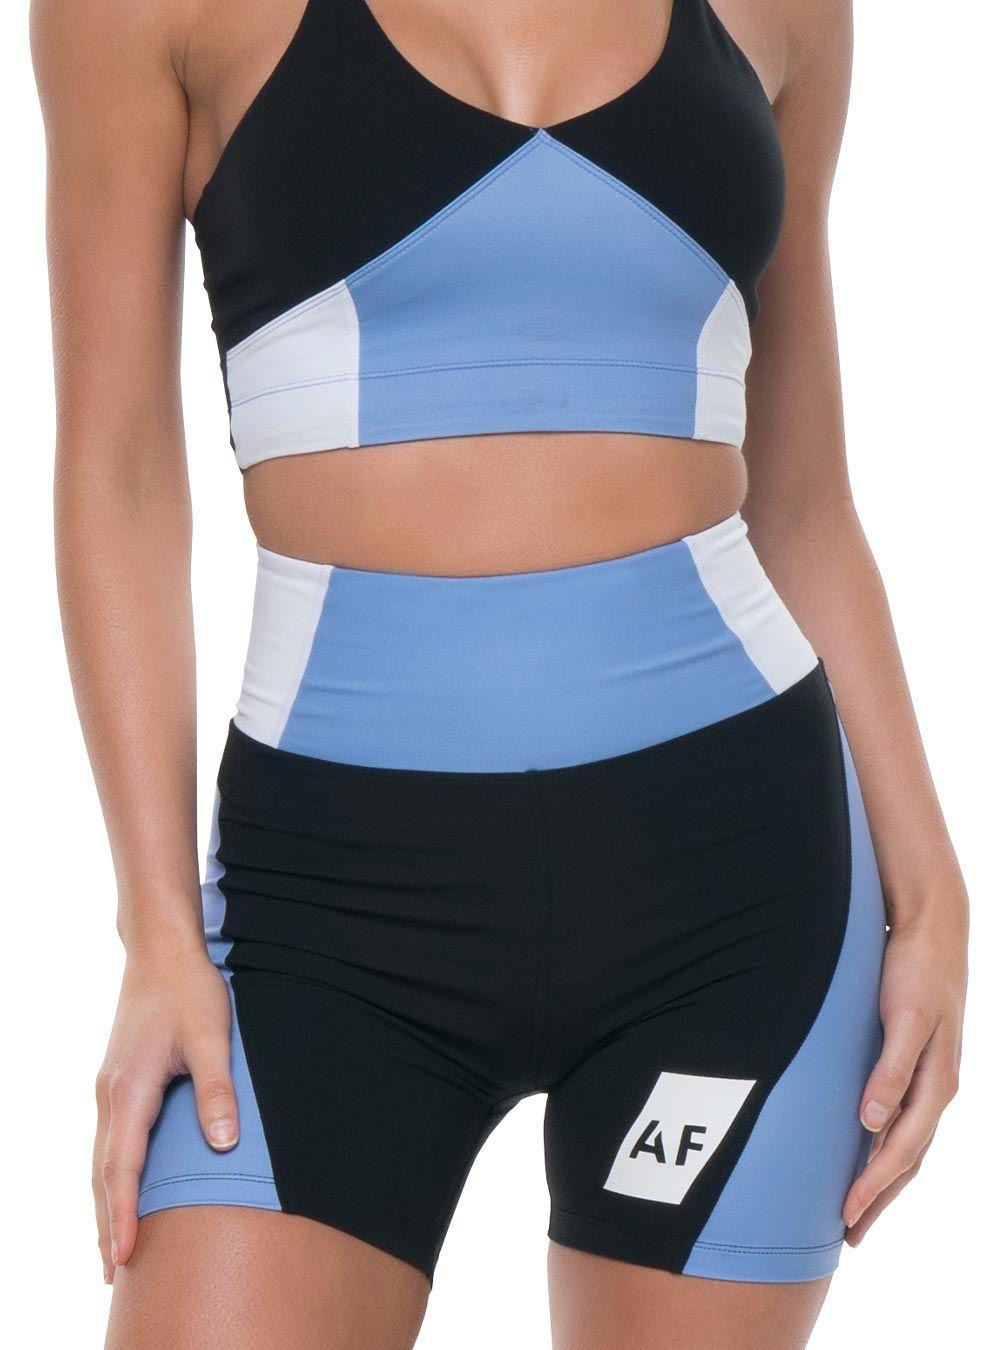 Azura Fit Original Bike Shorts Black/Blue/White